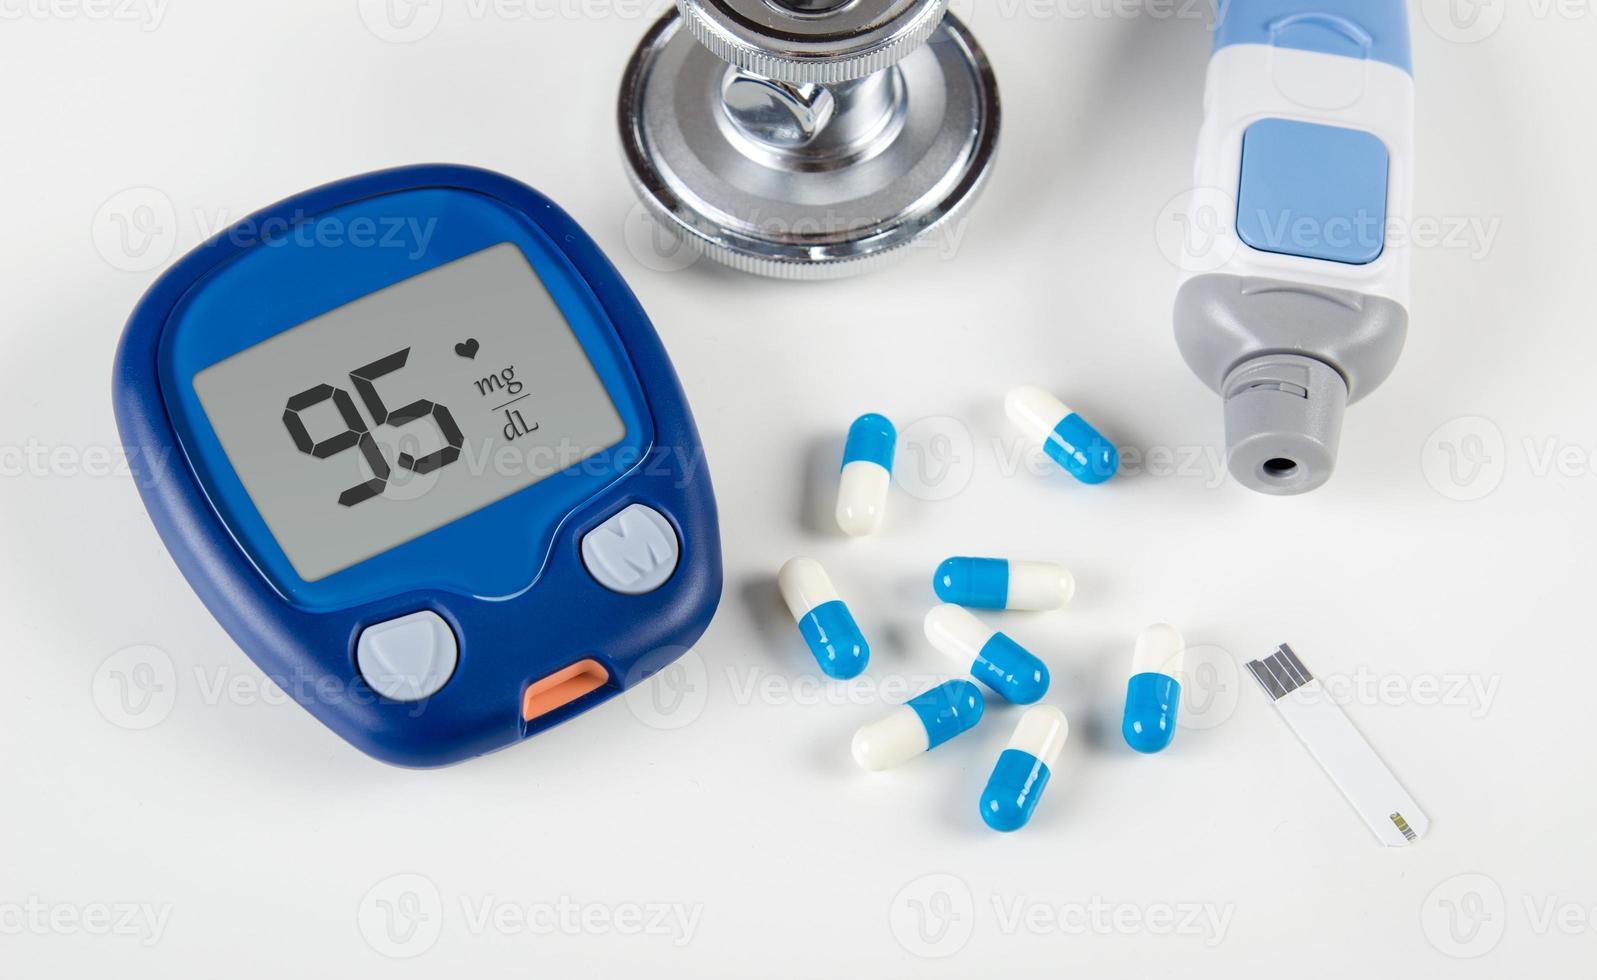 diabetische testkit en stethoscoop op witte achtergrond foto